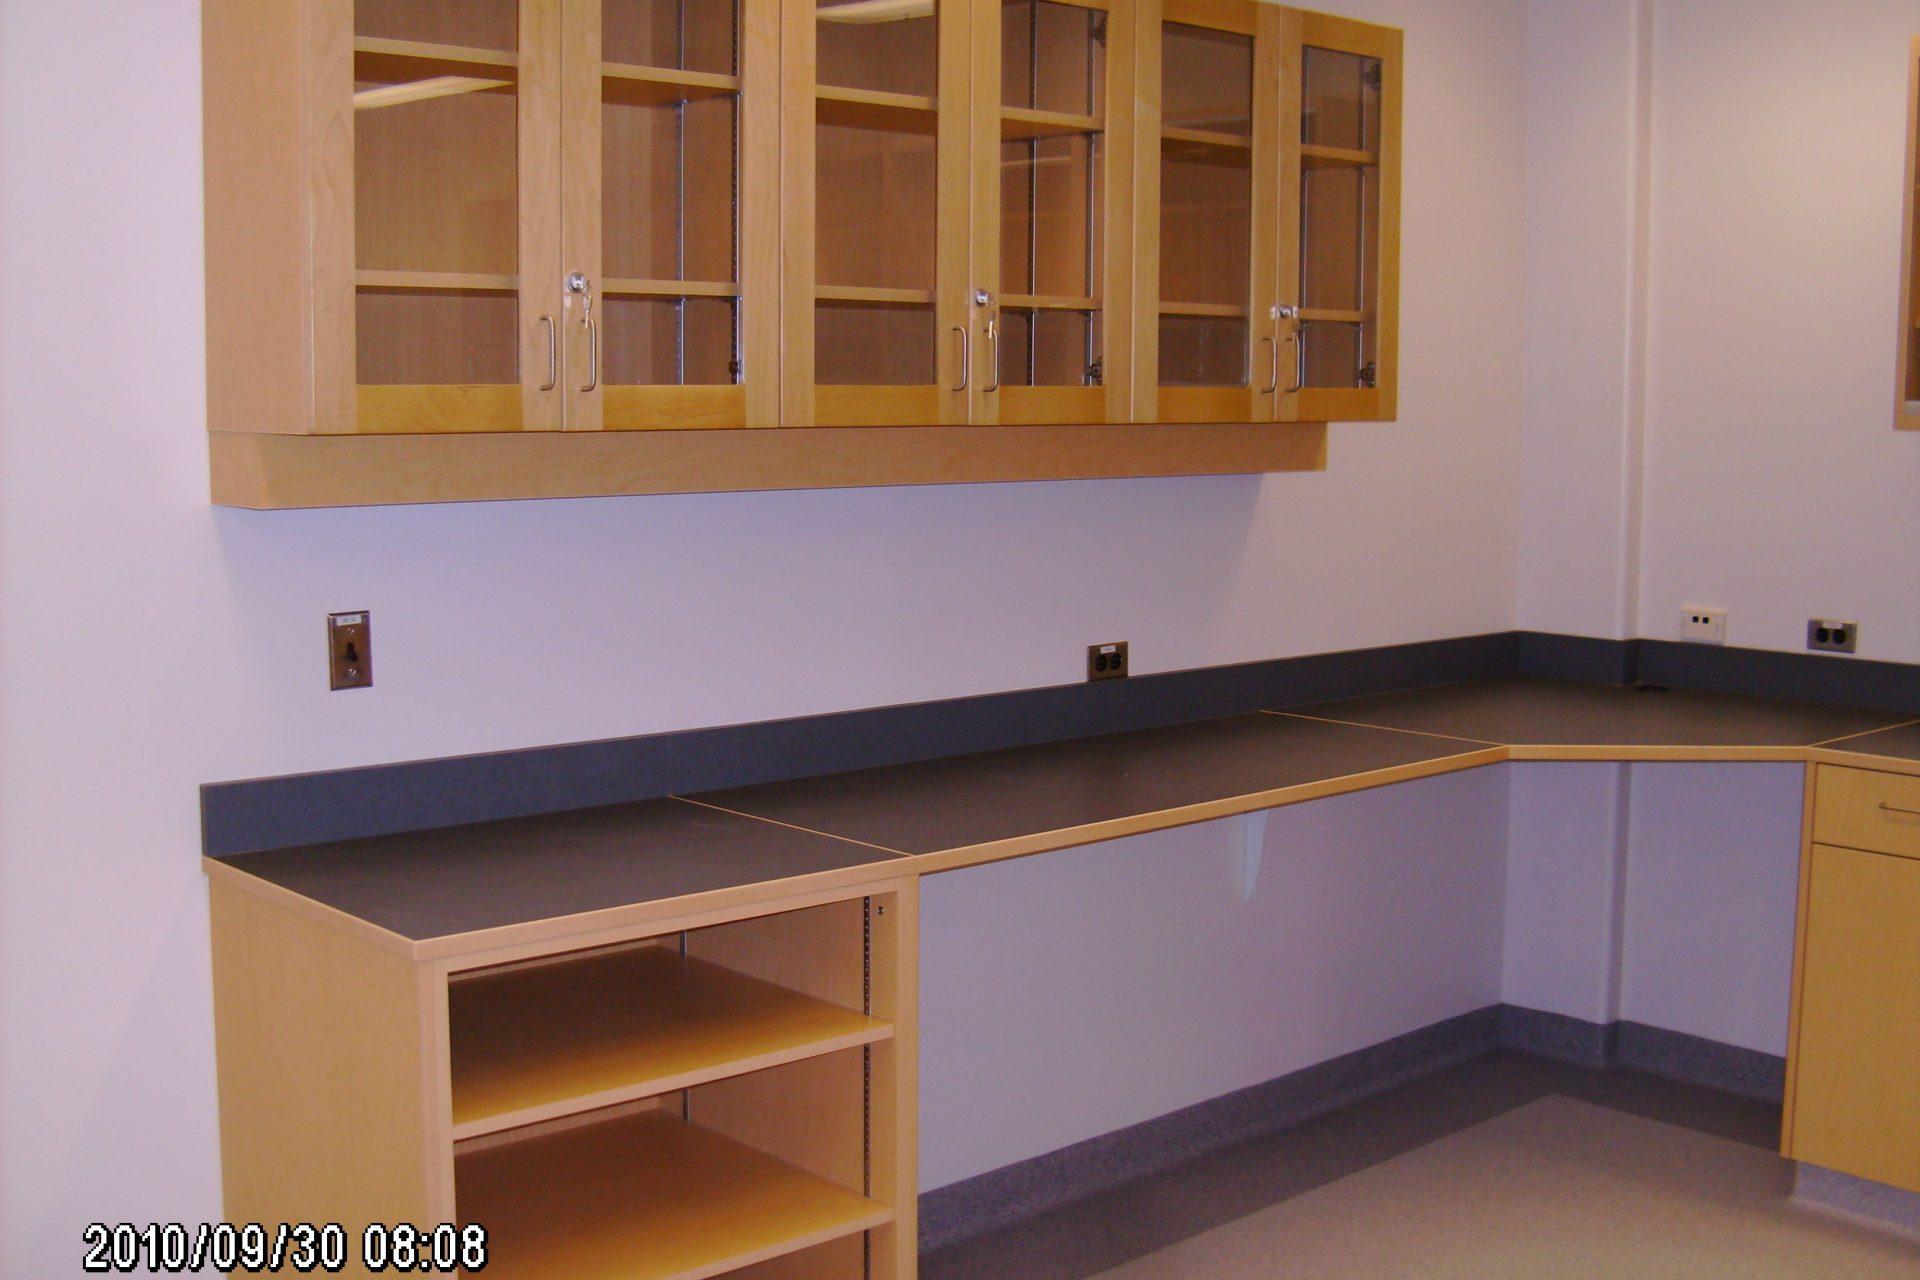 University of Manitoba Anatomy Lab 1